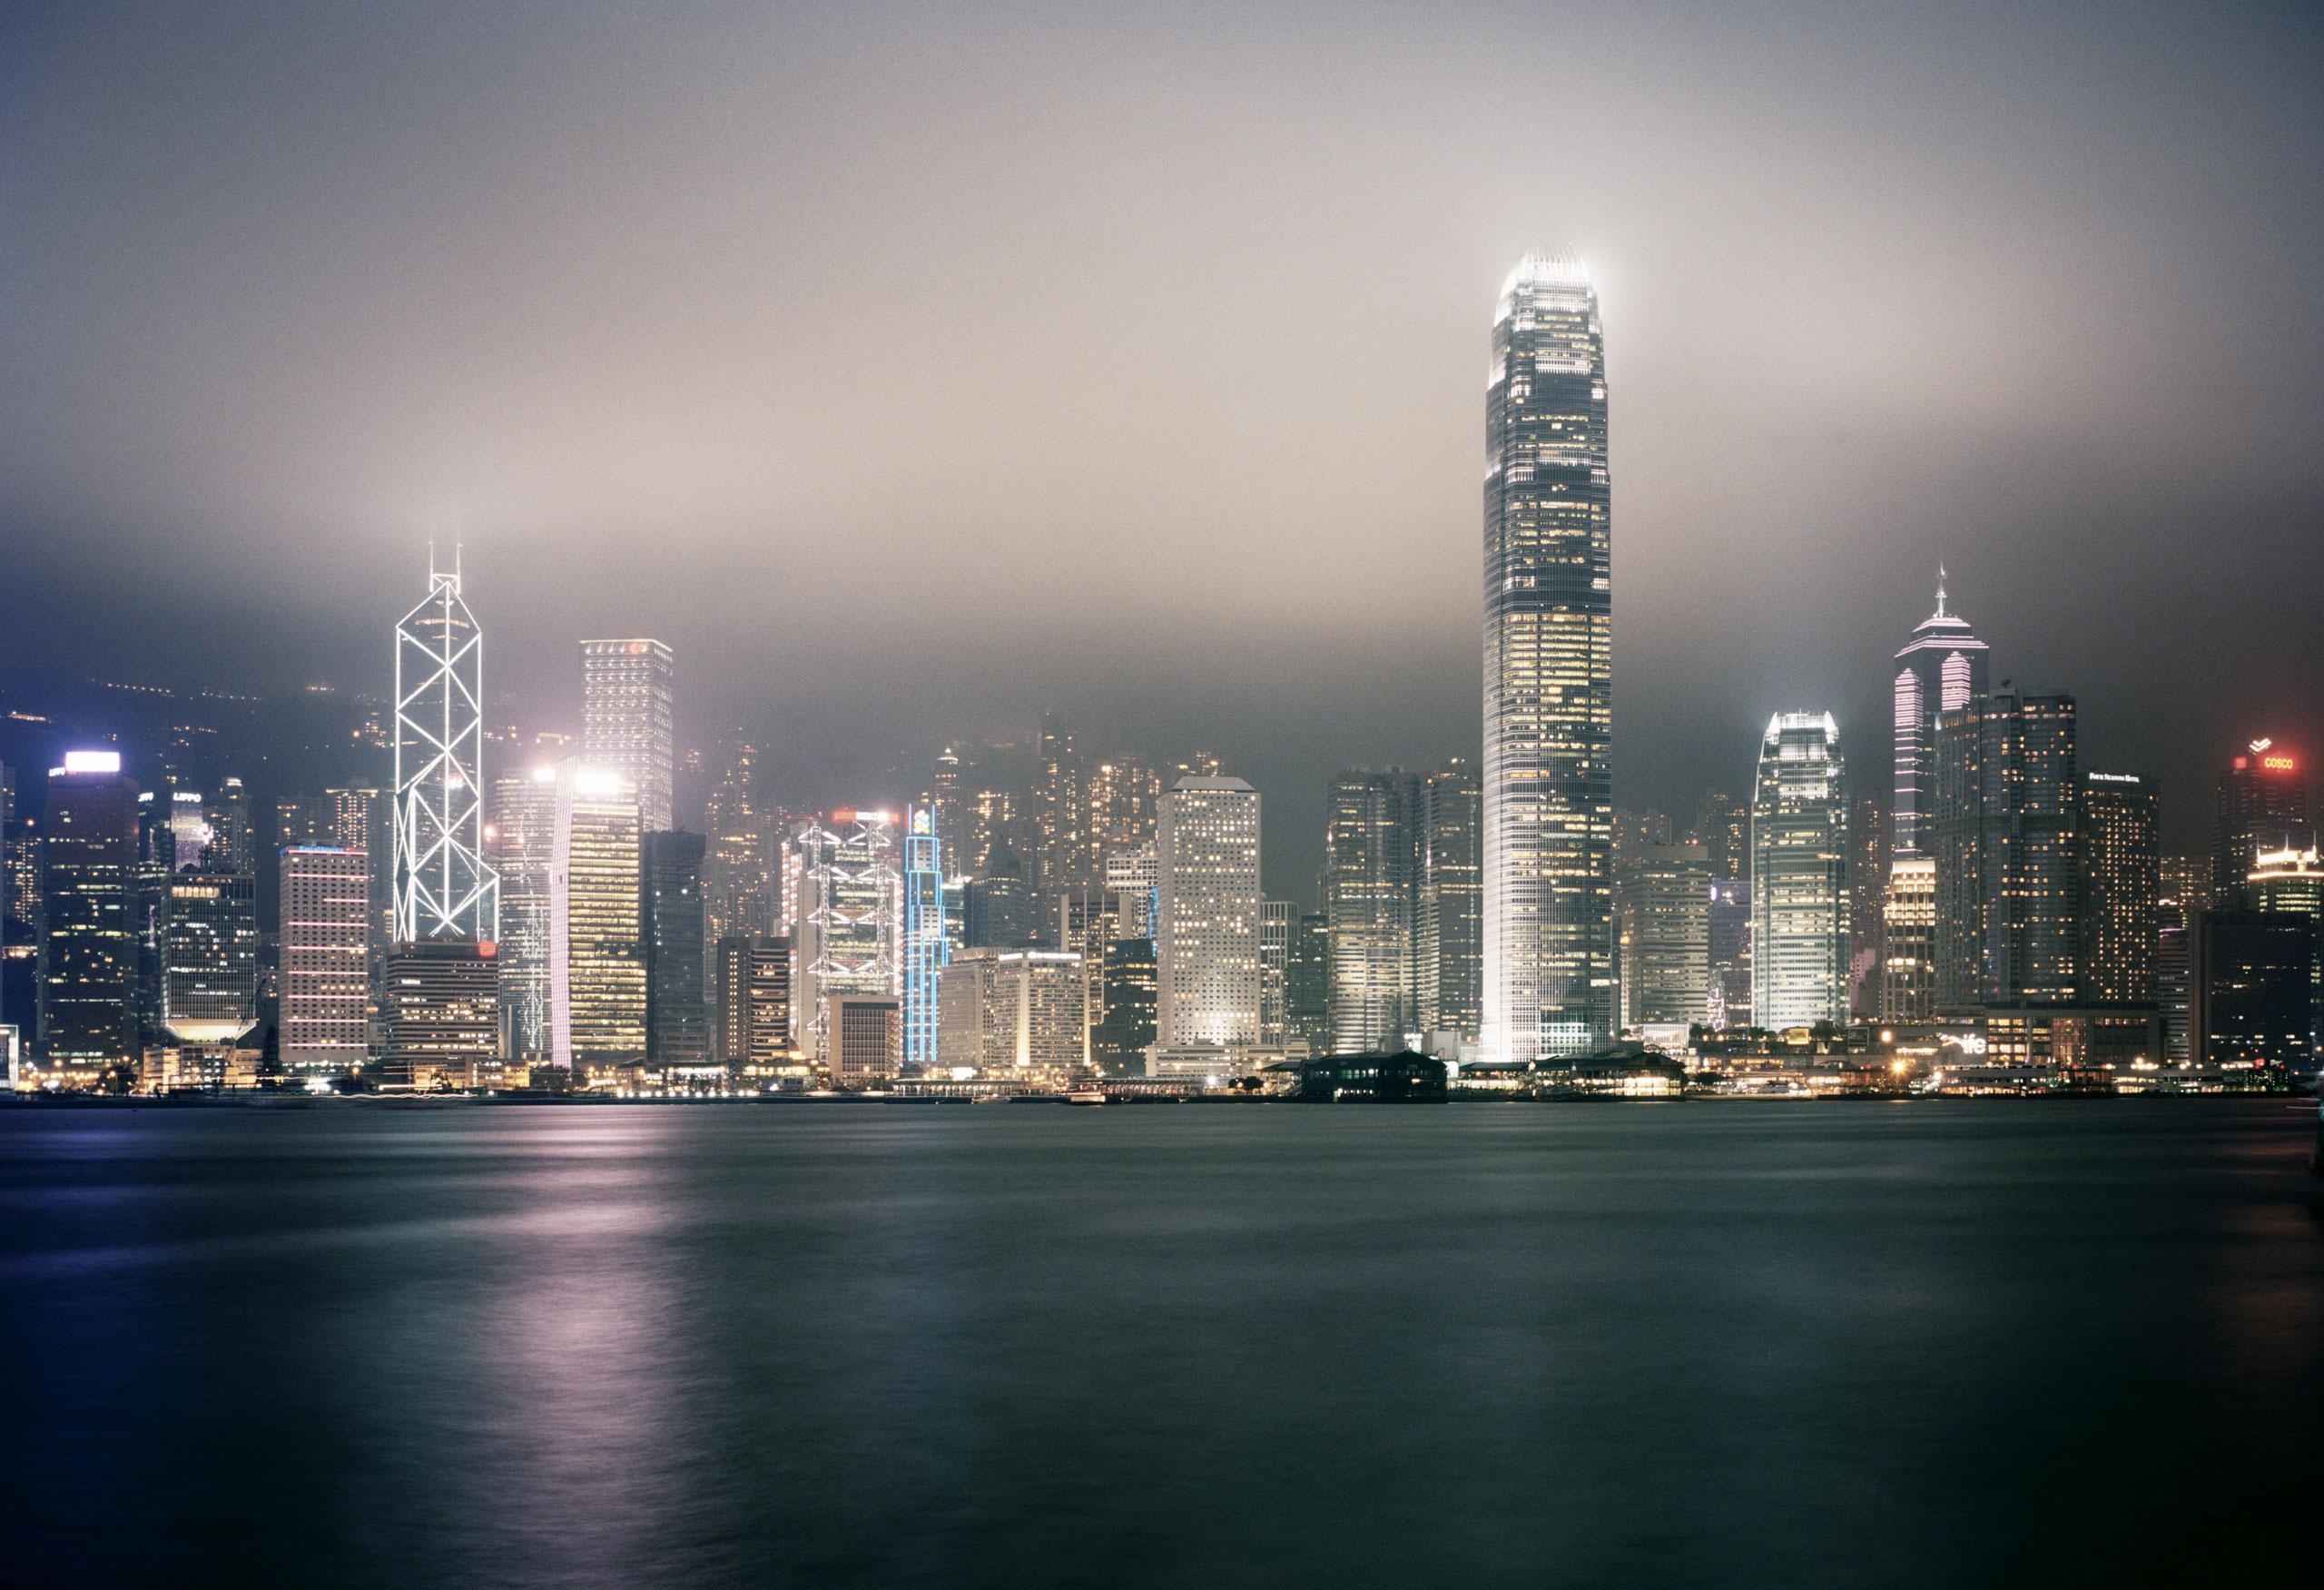 <strong>9. Hong Kong, China</strong>